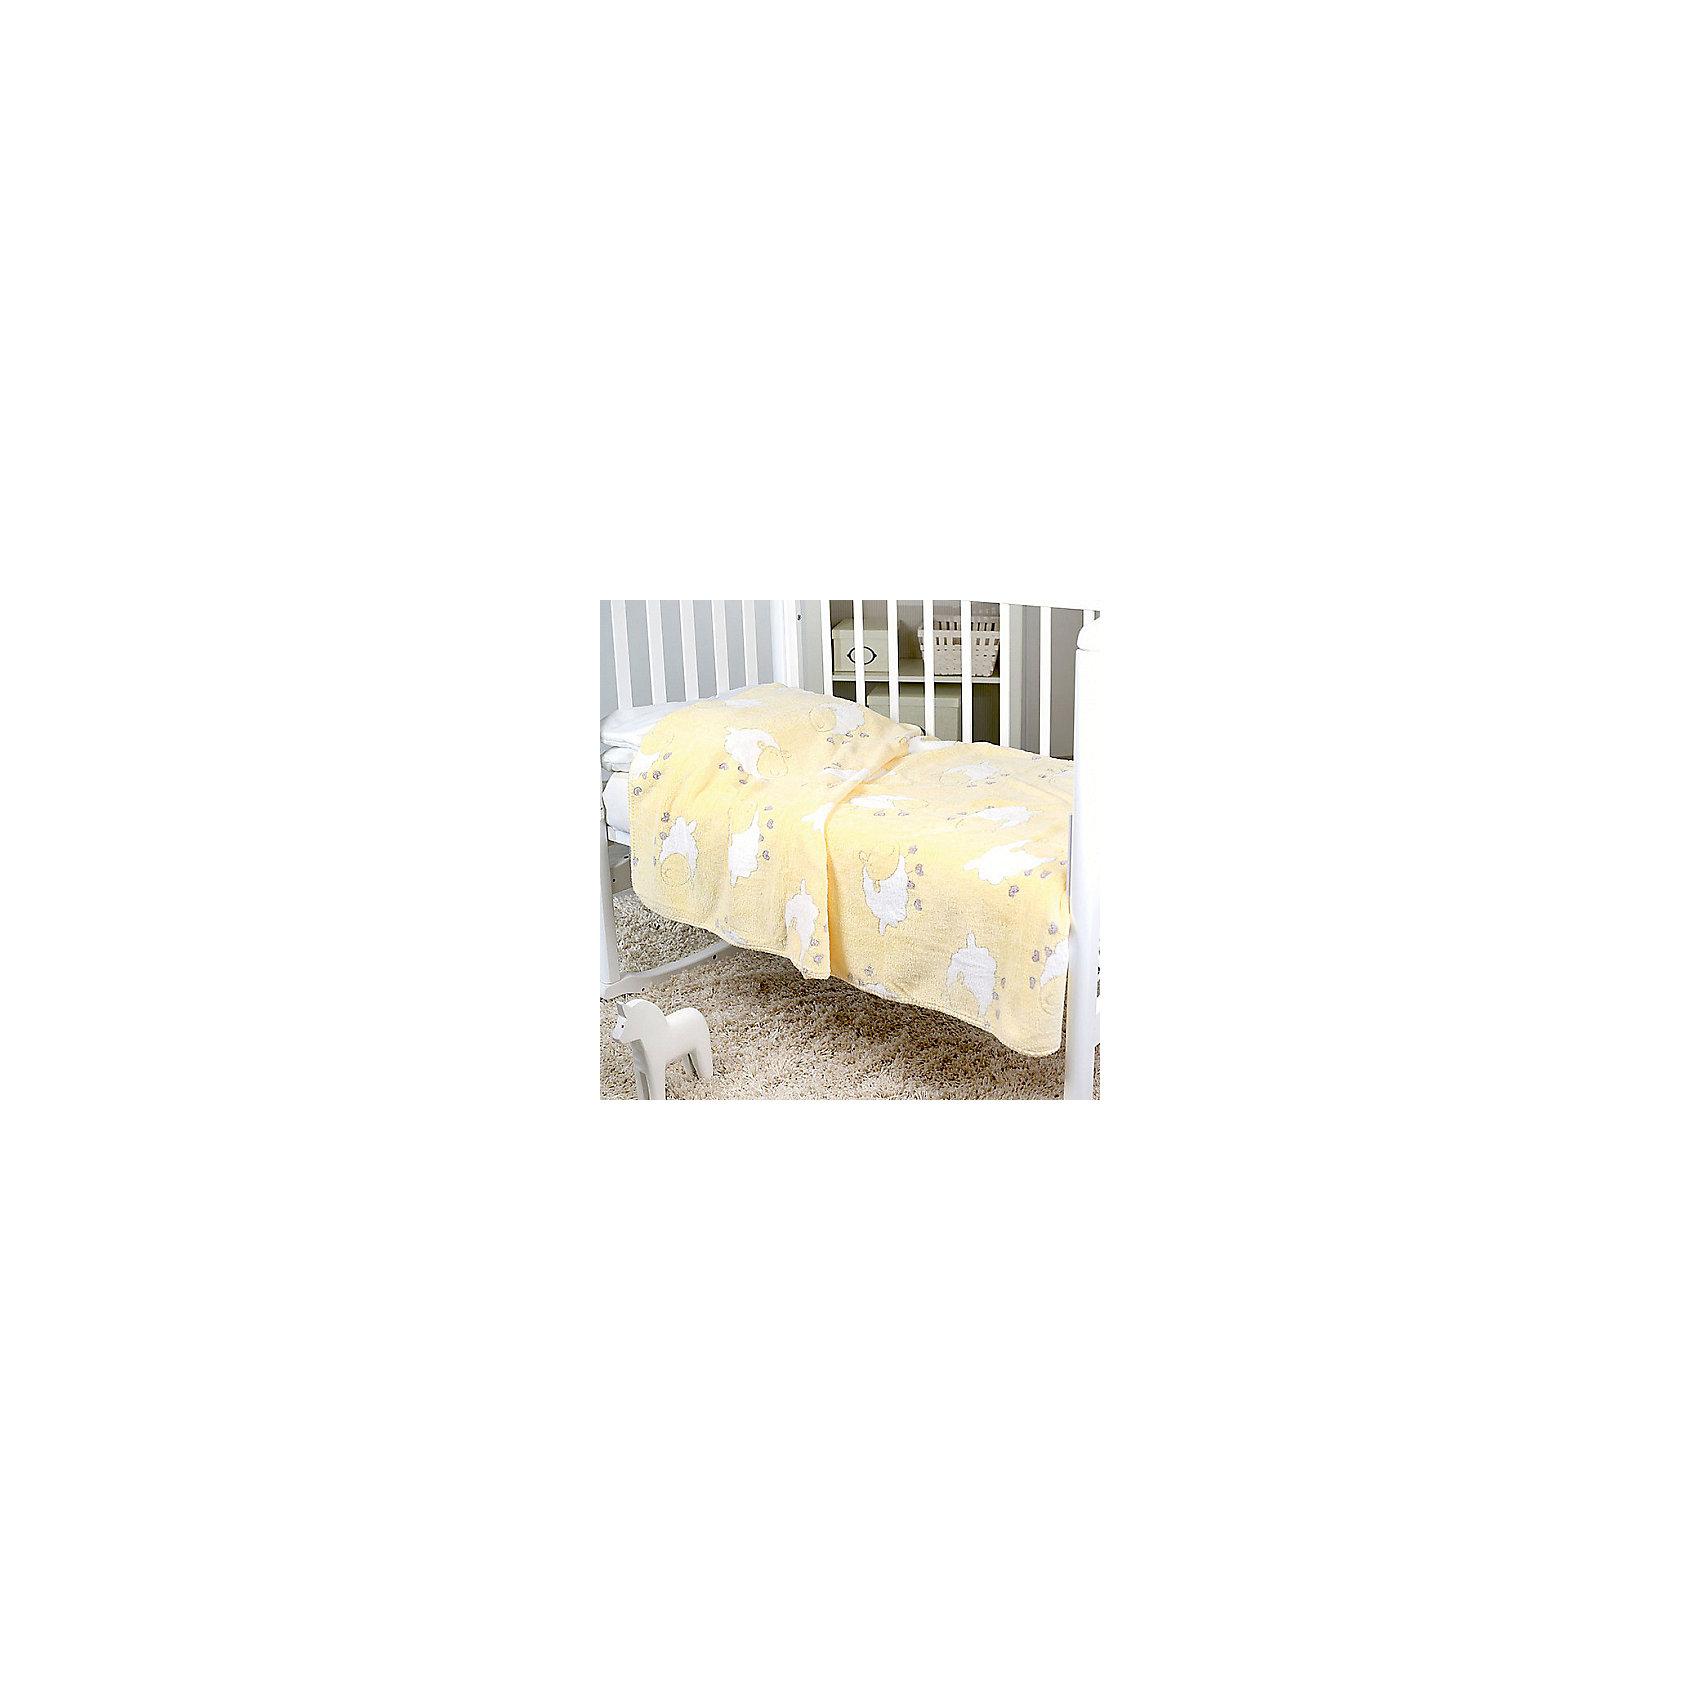 Плед-покрывало Барашки Velsoft, 100% мк-р 150х200 2-сторон., Baby Nice,  желтыйПостельные принадлежности для детей должны быть качественными и безопасными. Этот плед-покрывало разработан специально для малышей, оно обеспечивает комфорт на всю ночь. Плед украшен симпатичным принтом.<br>Пледик сшит из мягкого легкого  материала - велсофта, приятного на ощупь. Он не вызывает аллергии, что особенно важно для малышей. Покрывало обеспечит хорошую терморегуляцию, а значит - крепкий сон. Плед сделан из высококачественных материалов, безопасных для ребенка.<br><br>Дополнительная информация:<br><br>цвет: желтый;<br>материал: велсофт;<br>принт;<br>размер: 150 х 200 см;<br>обработка: оверлок;<br>двустороннее.<br><br>Плед-покрывало Барашки Velsoft, 100% мк-р 150х200 2-сторон., от компании Baby Nice можно купить в нашем магазине.<br><br>Ширина мм: 10<br>Глубина мм: 20<br>Высота мм: 10<br>Вес г: 500<br>Возраст от месяцев: 0<br>Возраст до месяцев: 36<br>Пол: Унисекс<br>Возраст: Детский<br>SKU: 4941806